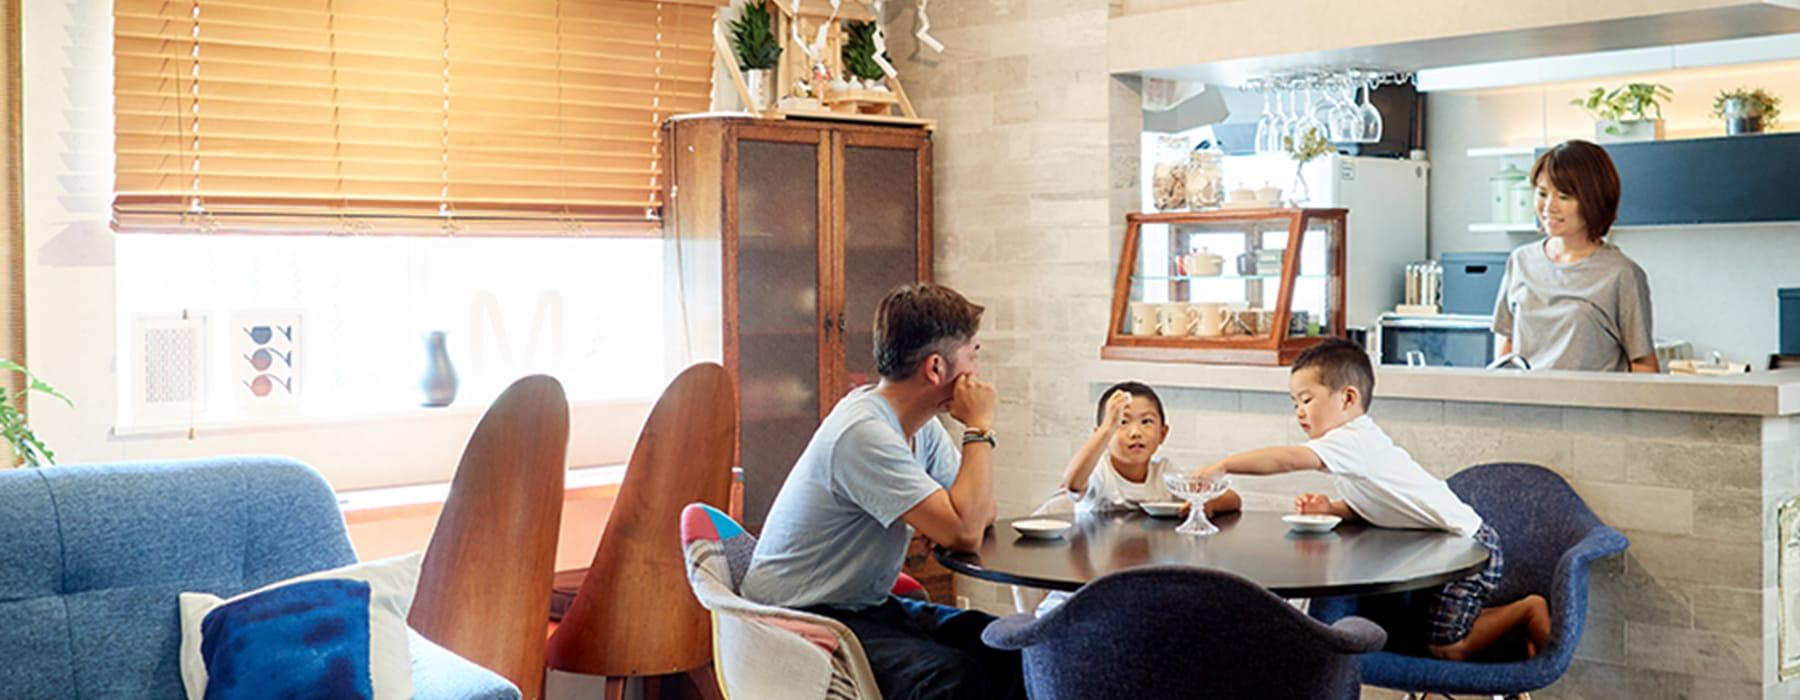 Rakuten STAY HOUSE×WILL STYLE 画像はイメージです